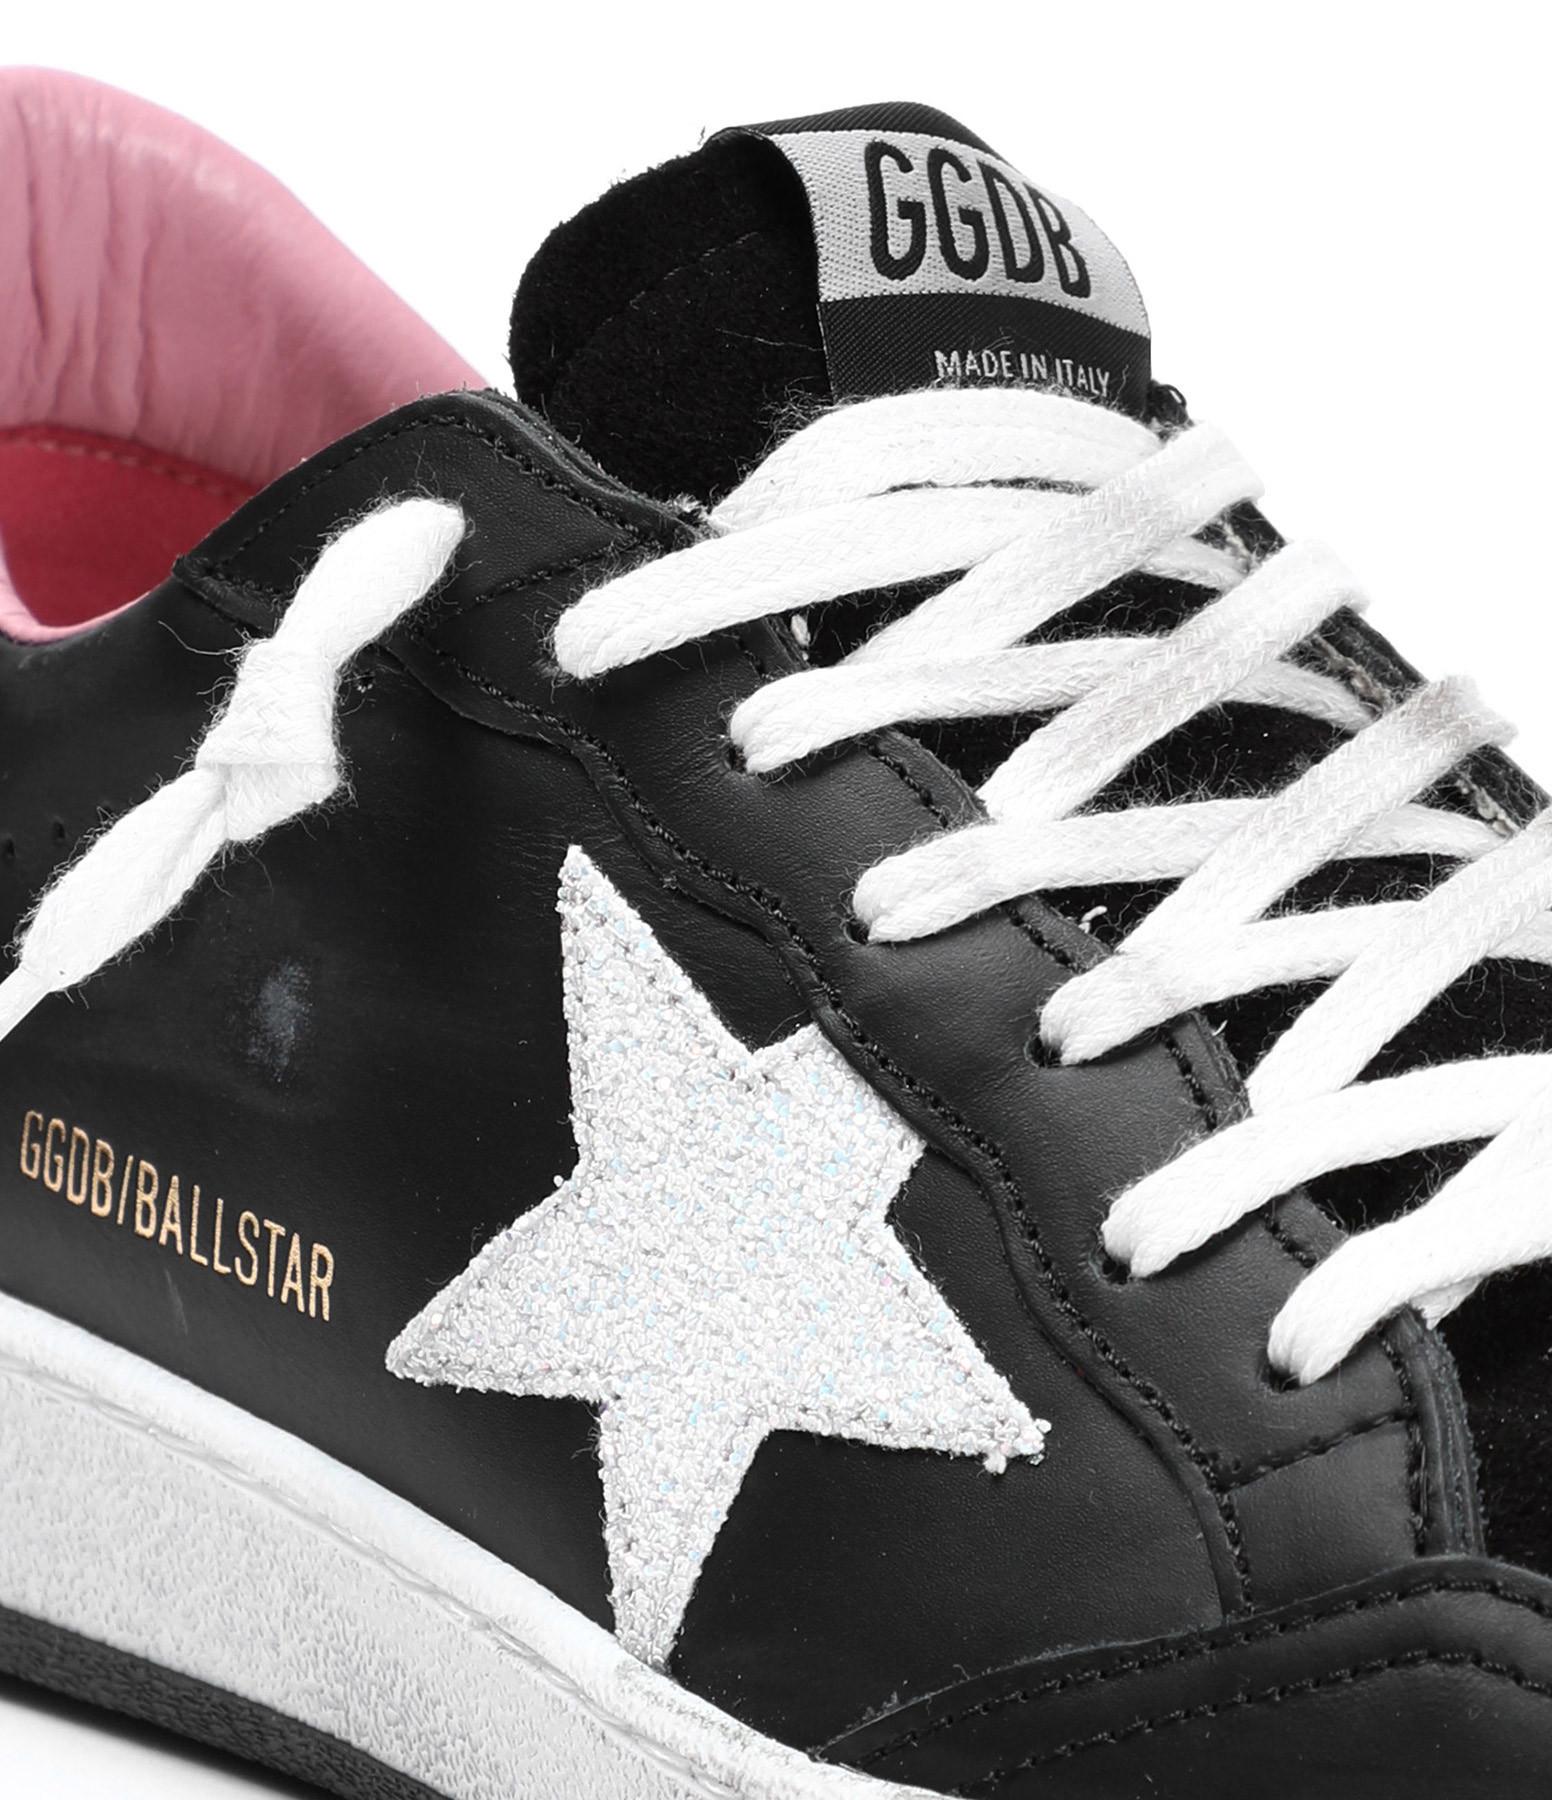 GOLDEN GOOSE - Baskets Ball Star Cuir Noir Blanc